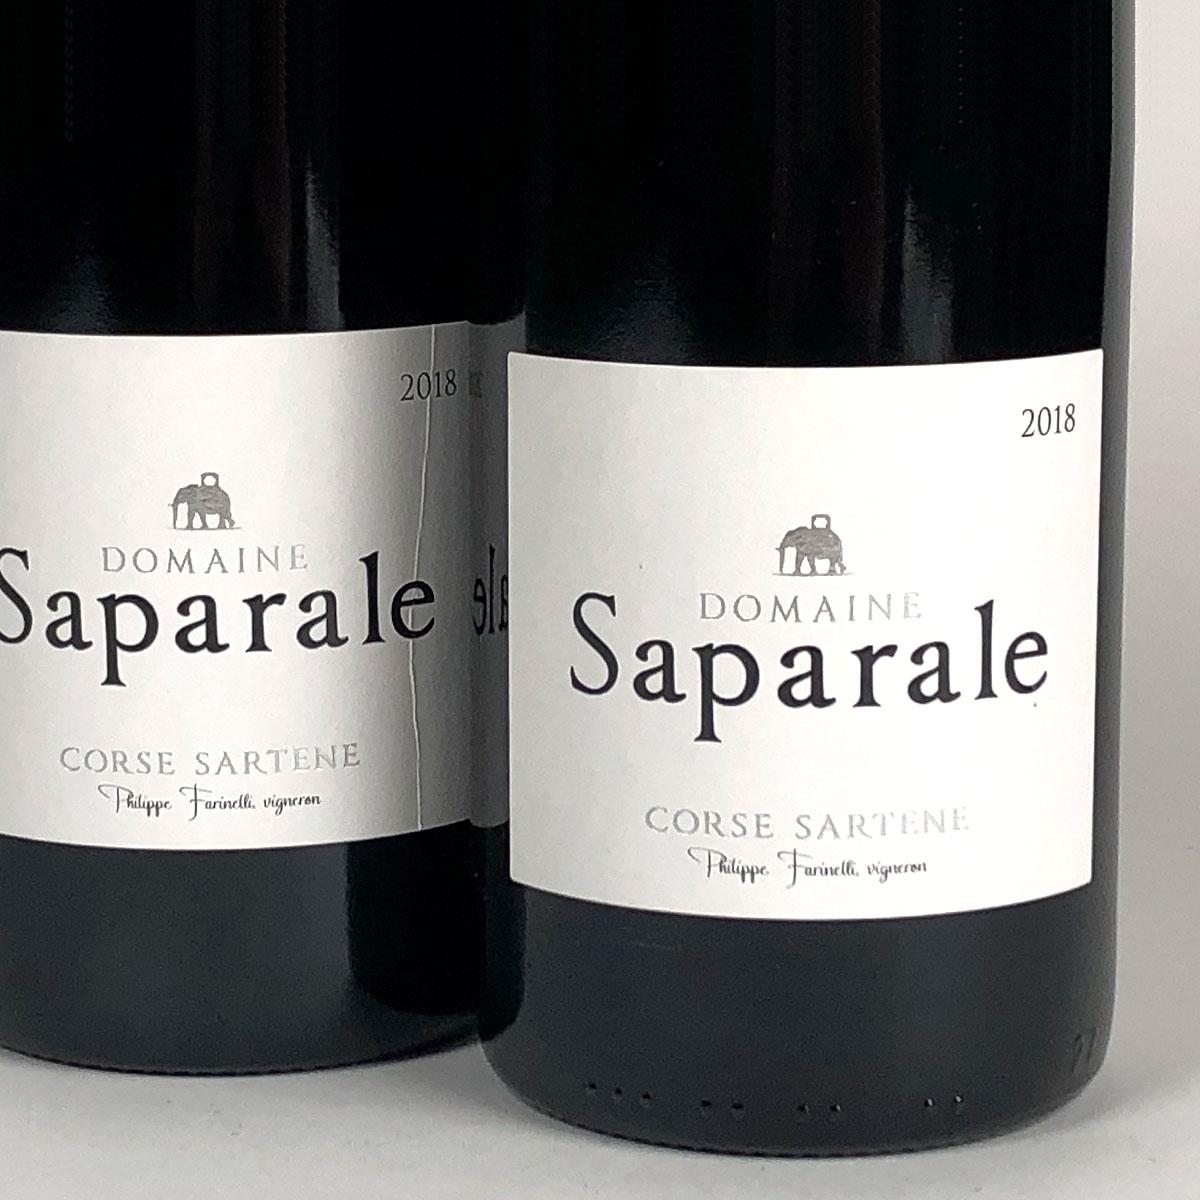 Vin de Corse Sartène Rouge: Domaine Saparale 2018